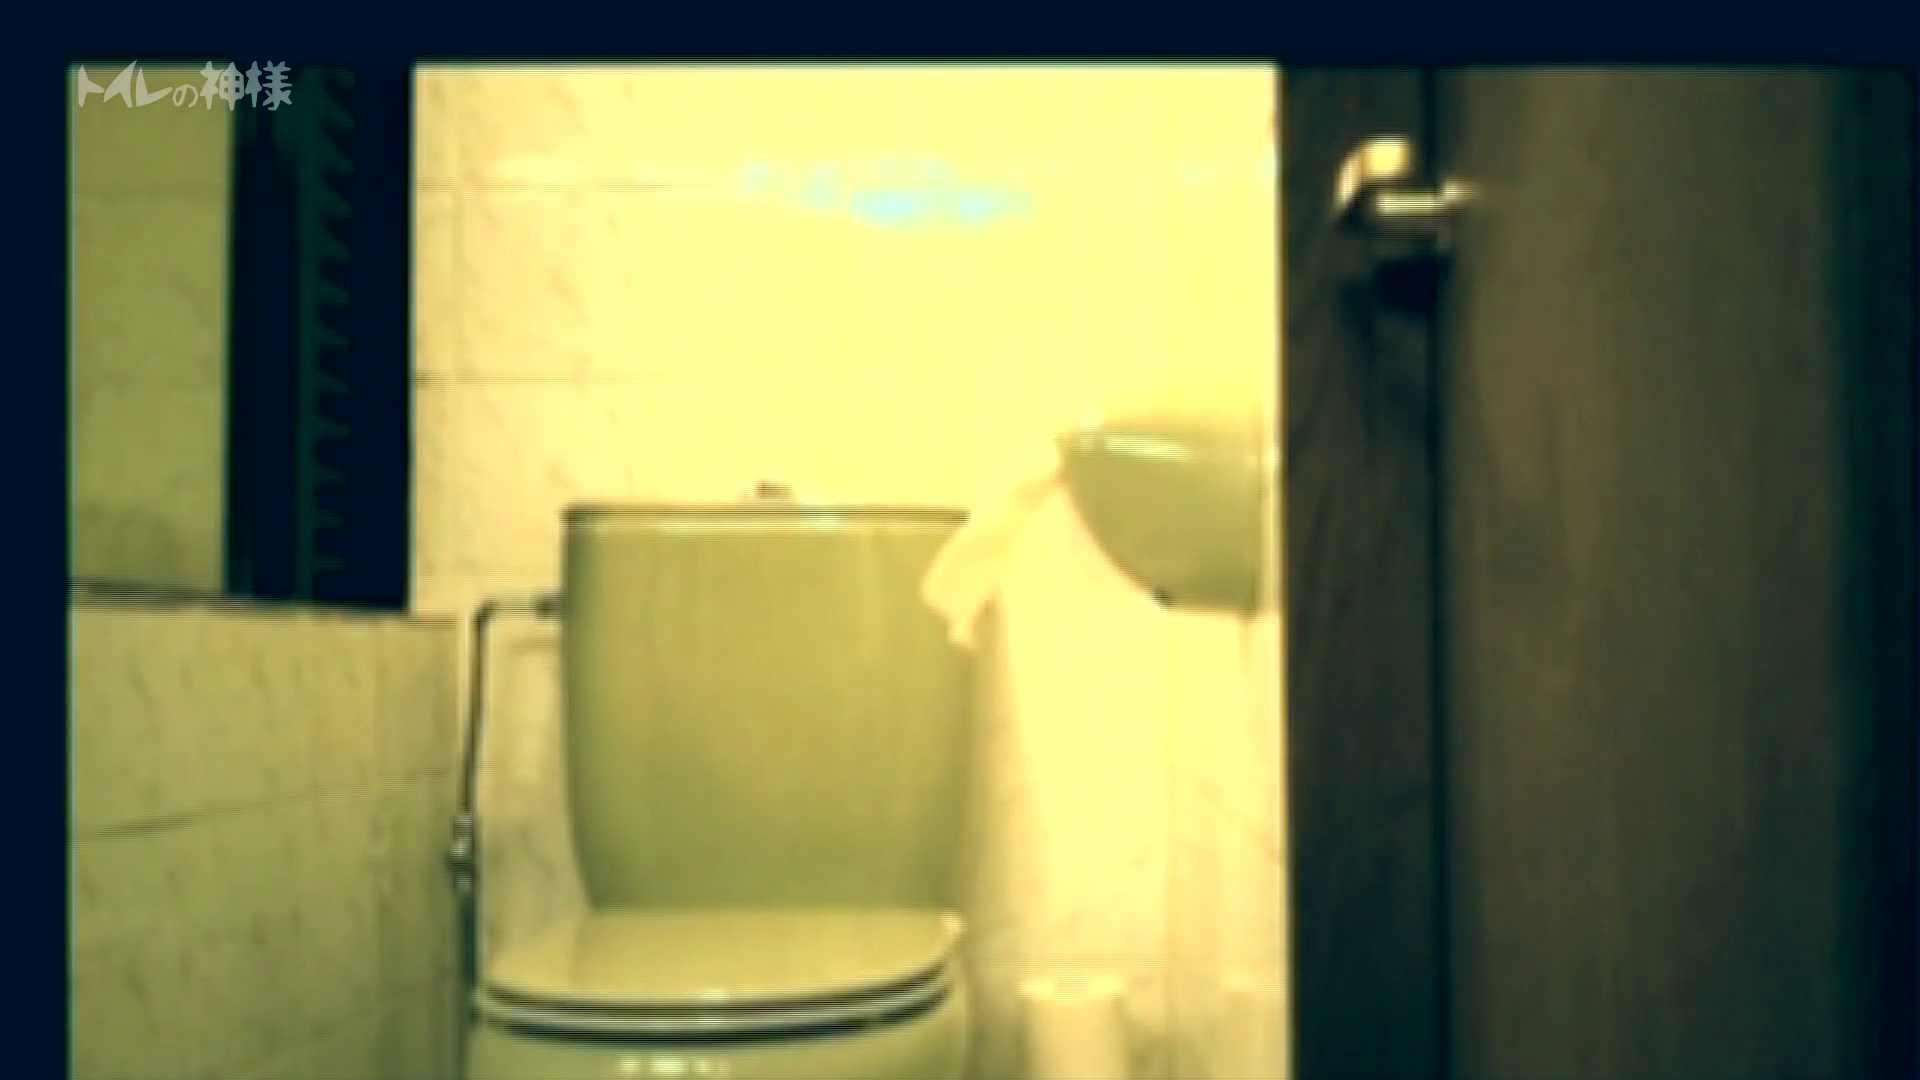 巨乳 乳首:トイレの神様 Vol.01 花の女子大生うんこ盗撮1:怪盗ジョーカー